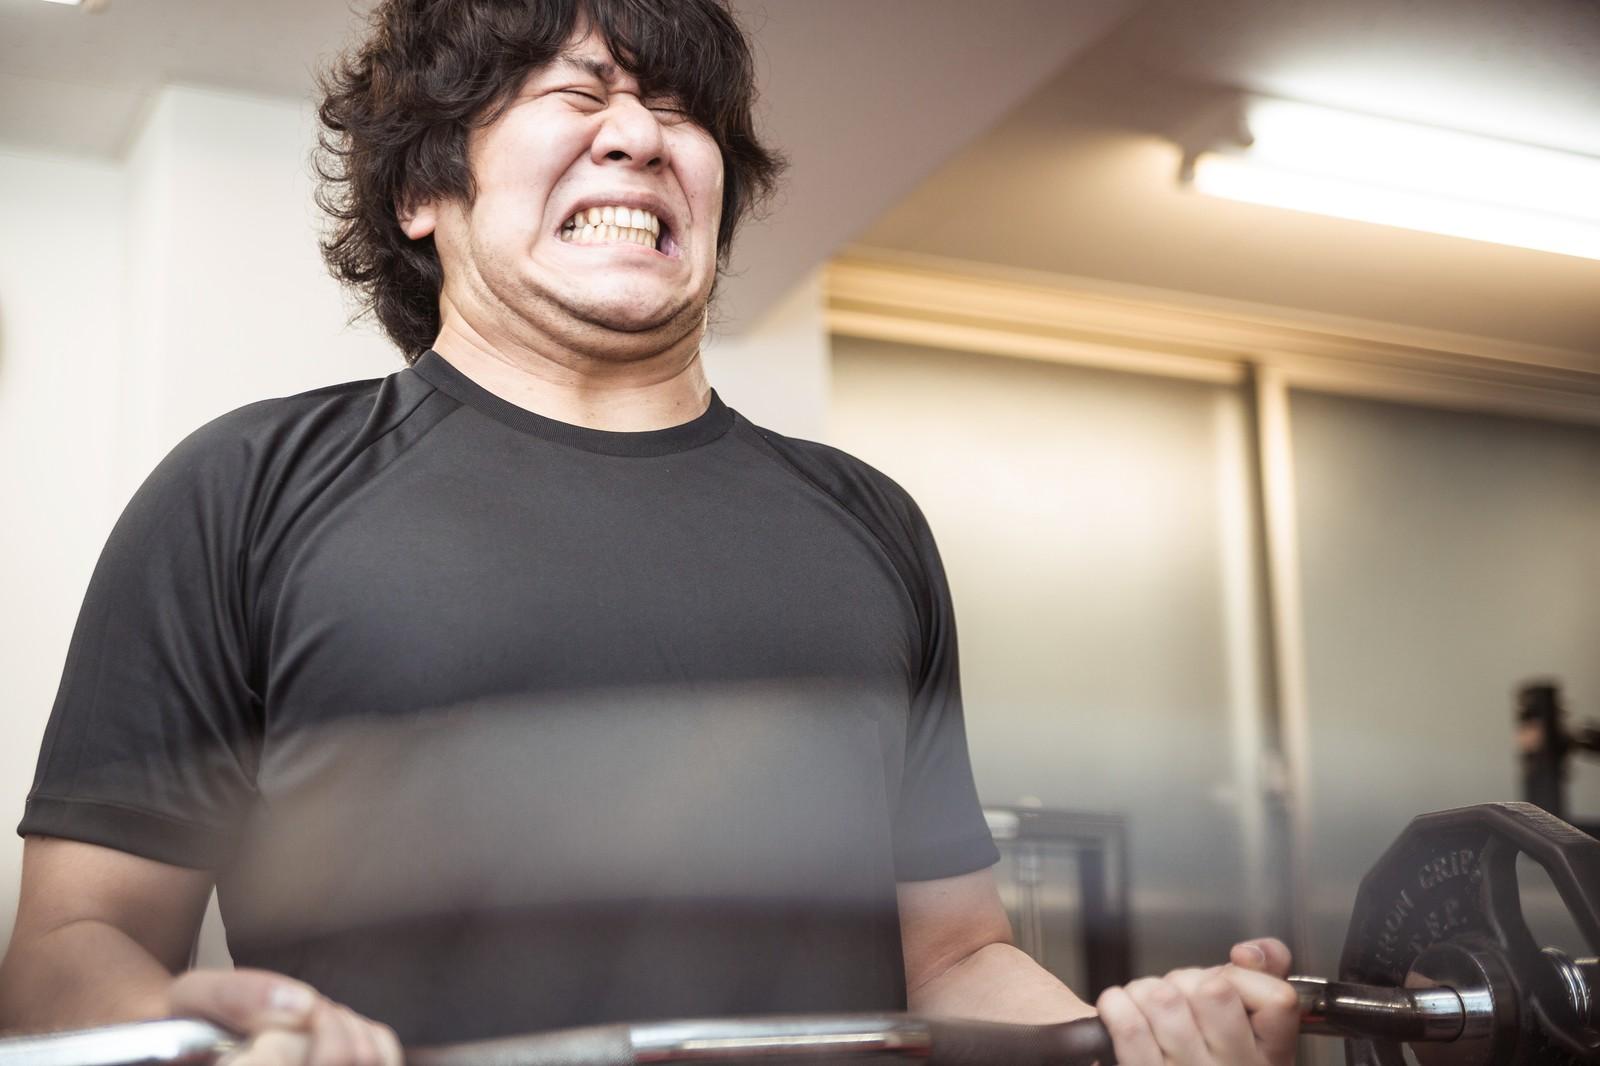 ダイエット目的でボクシングをしたら一ヶ月で3キロ痩せた